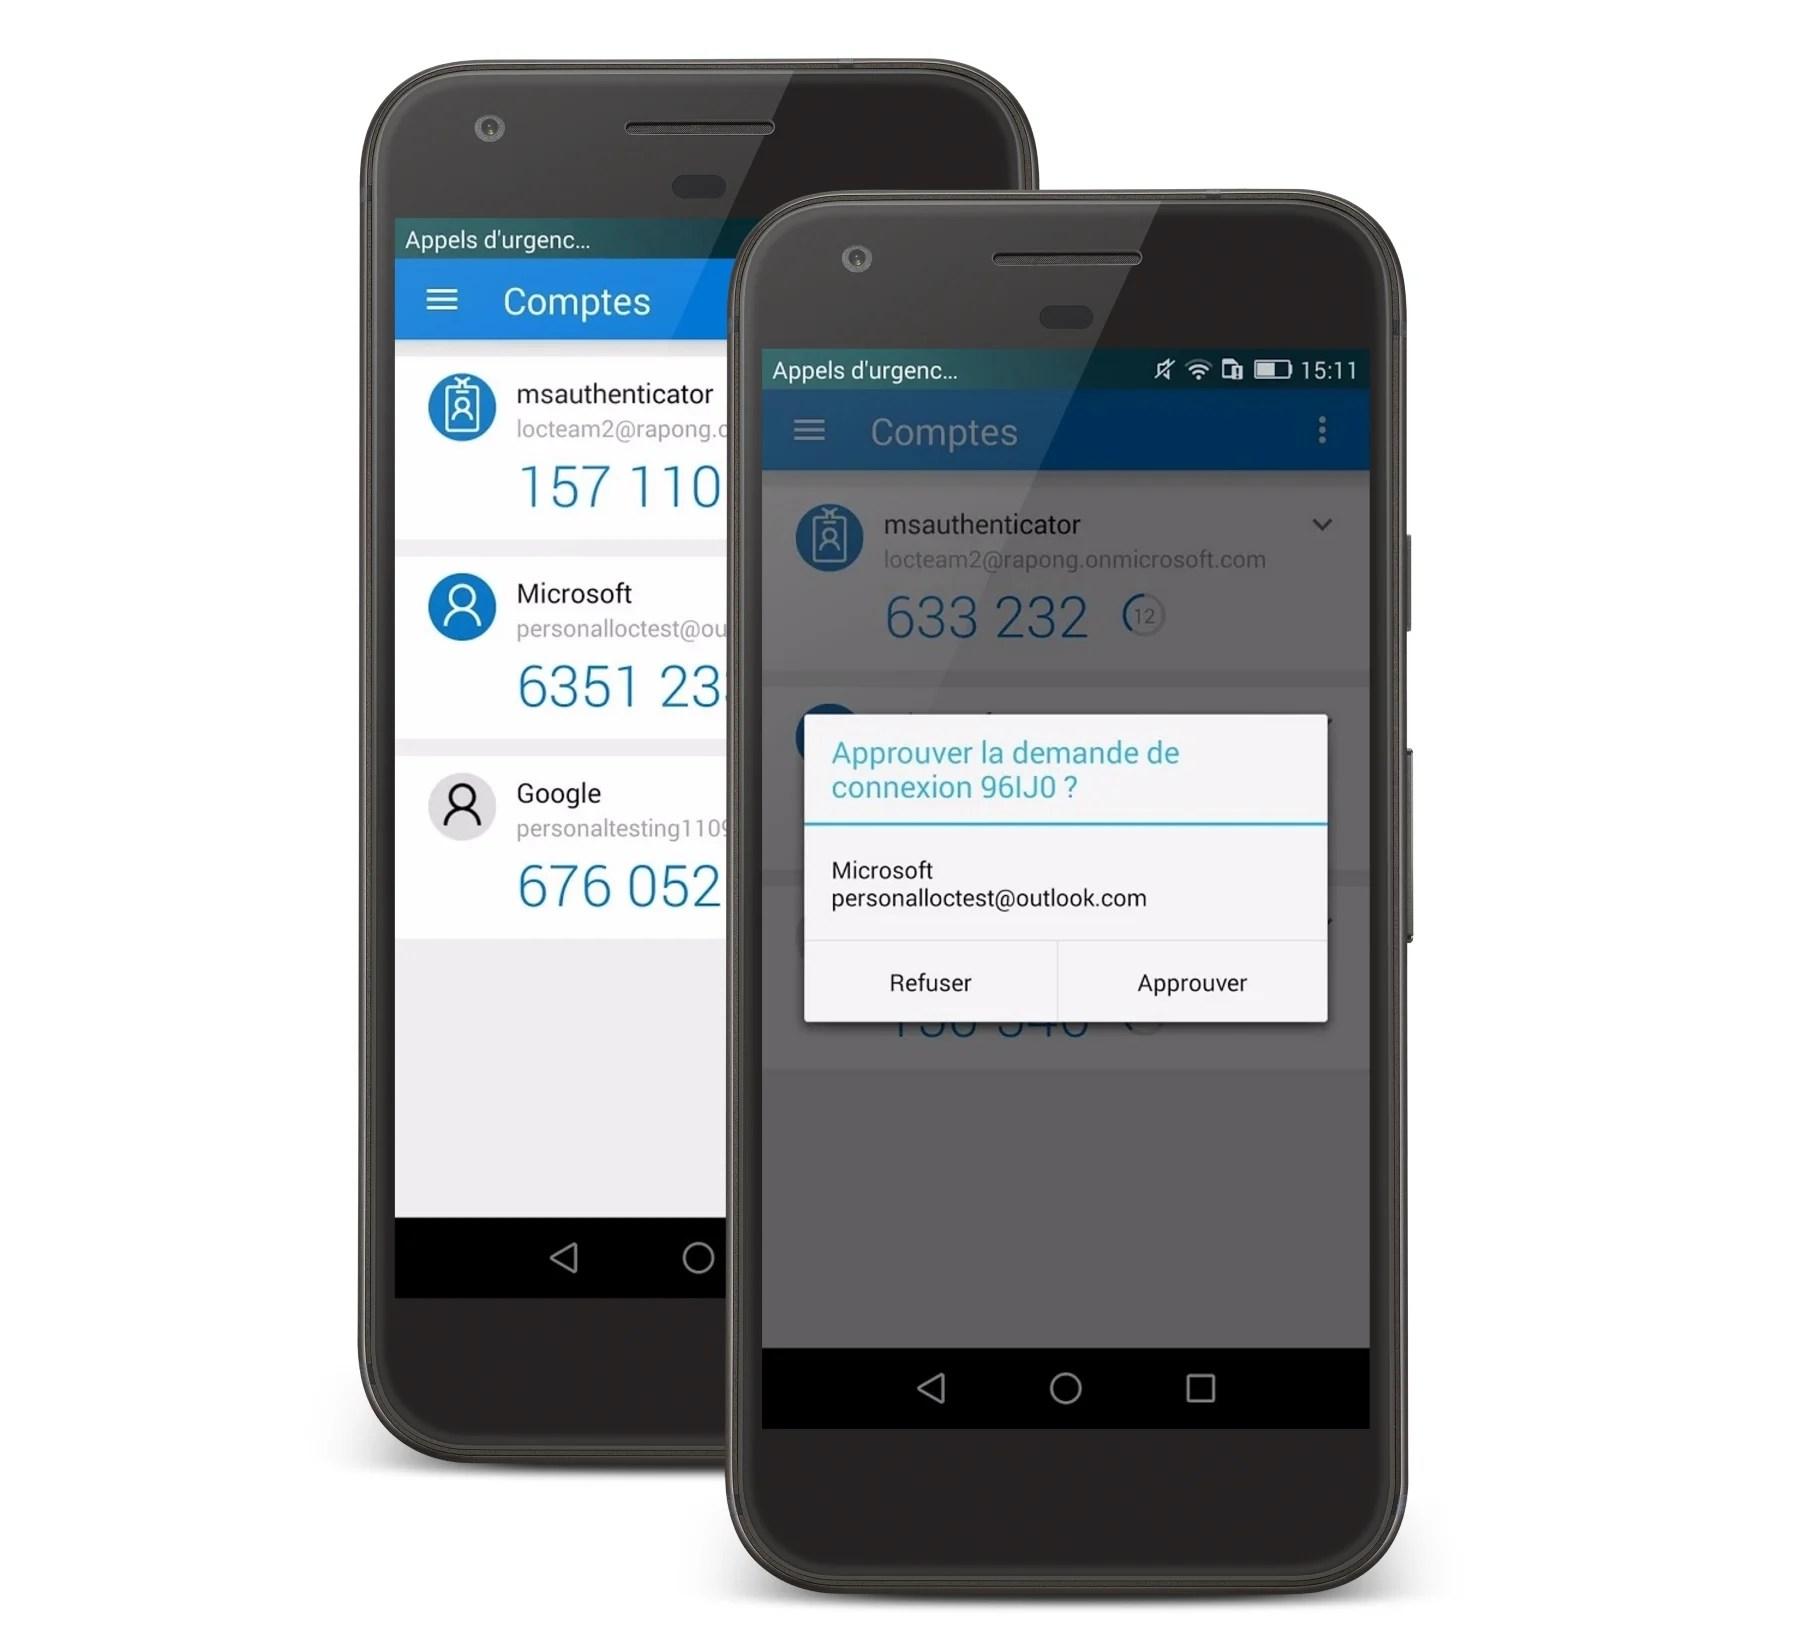 Microsoft va permettre de se connecter sans mot de passe grâce à son smartphone